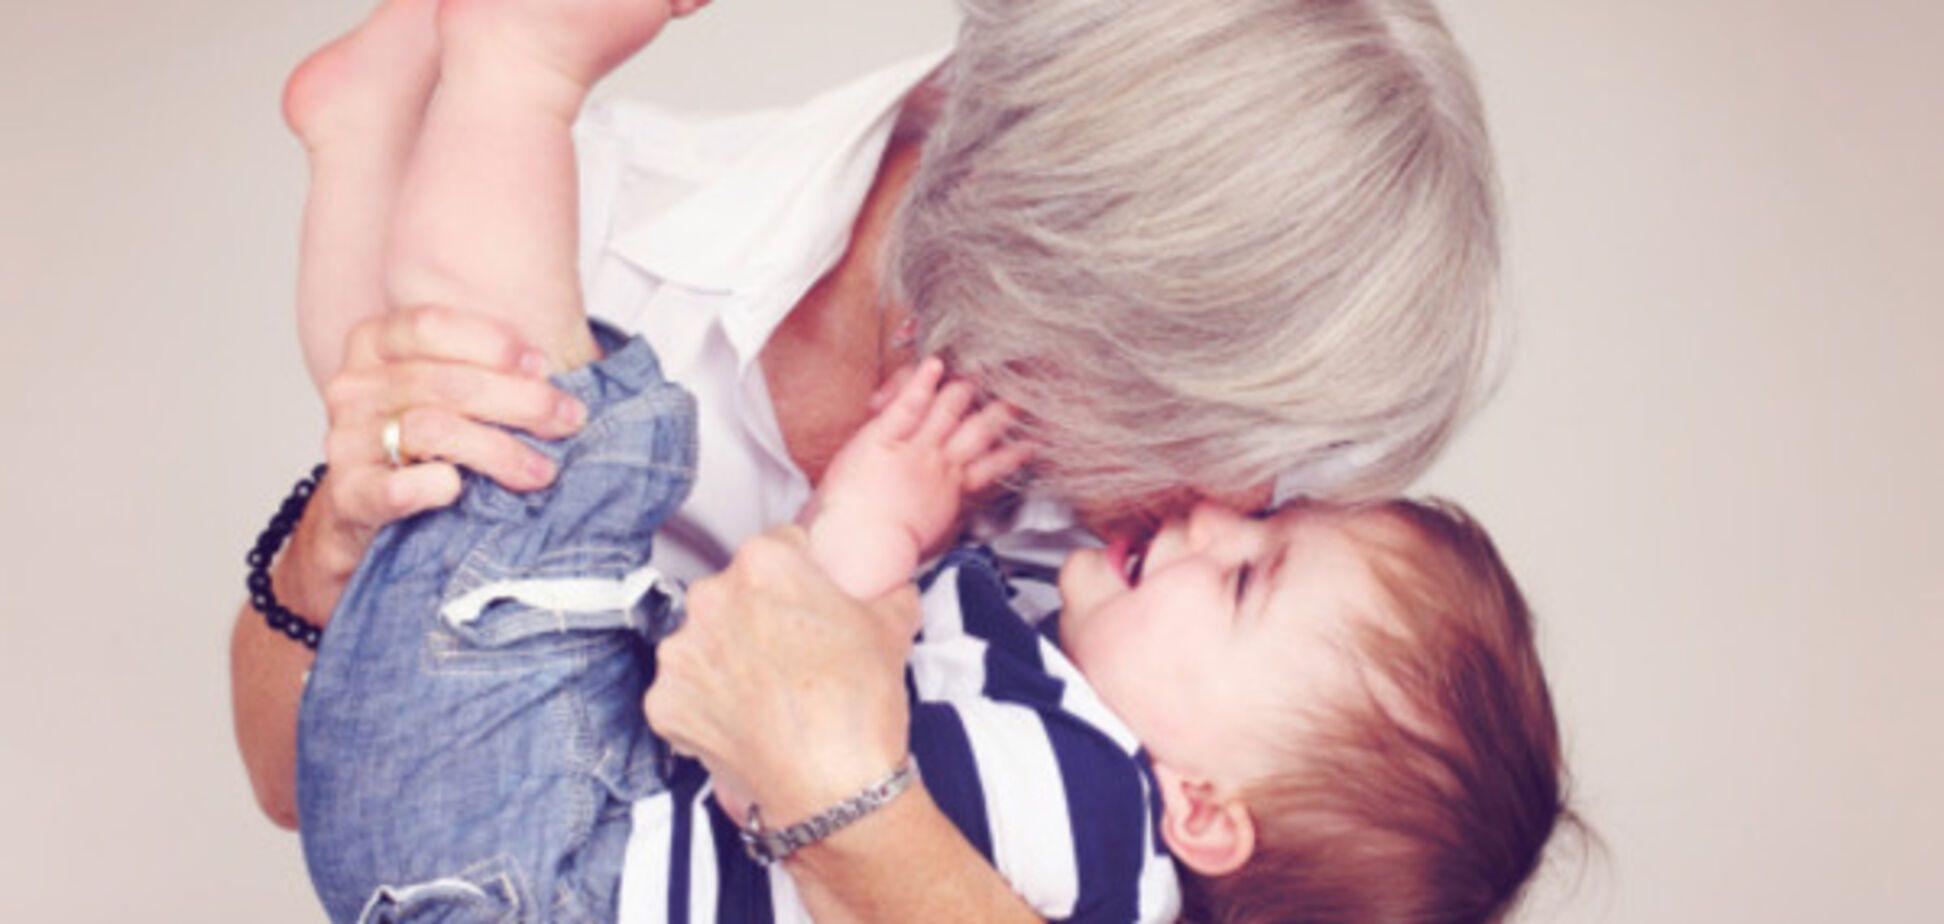 Ученые выяснили, кто в семье первый замечает симптом аутизма у ребенка